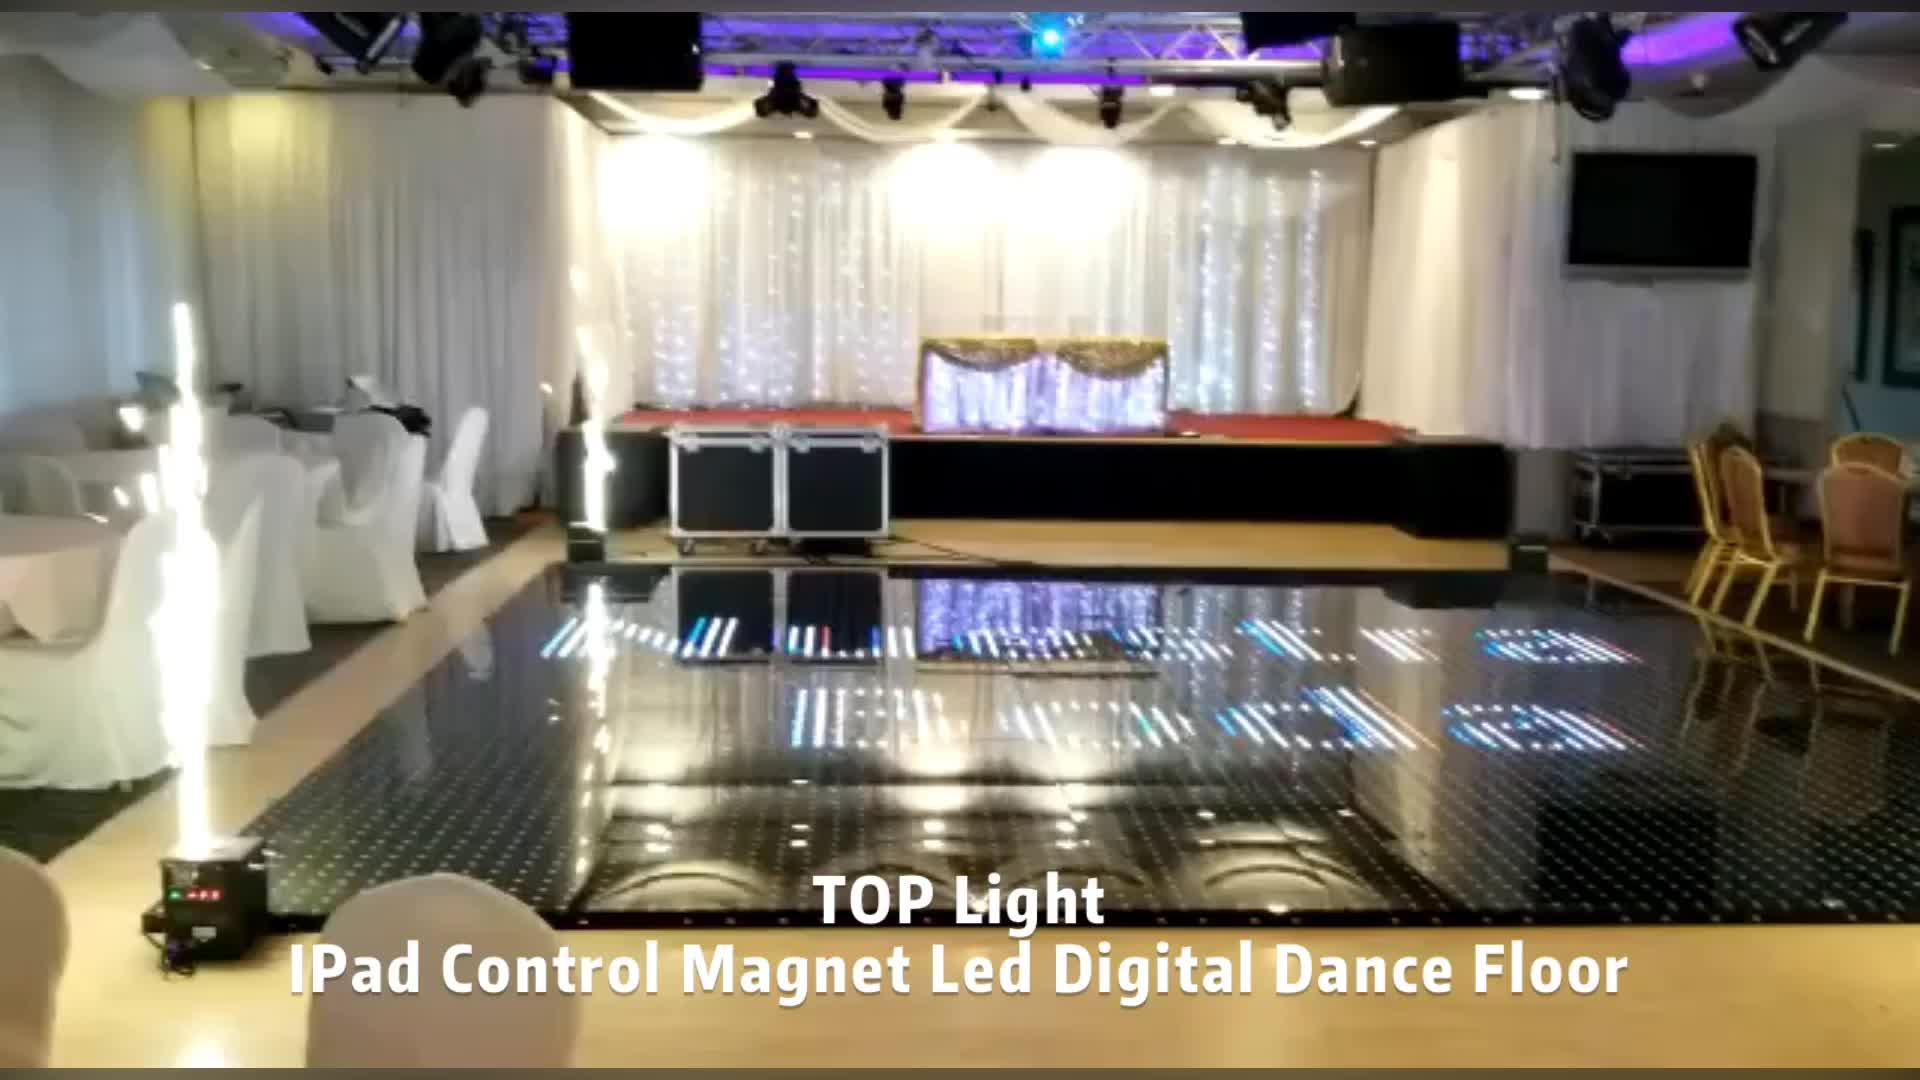 לקנות אלחוטי diy ריקודי דיסקו dj אורות pista דה led דיגיטלי שחור ריקוד כיסוי רצפה פנלים לשכור